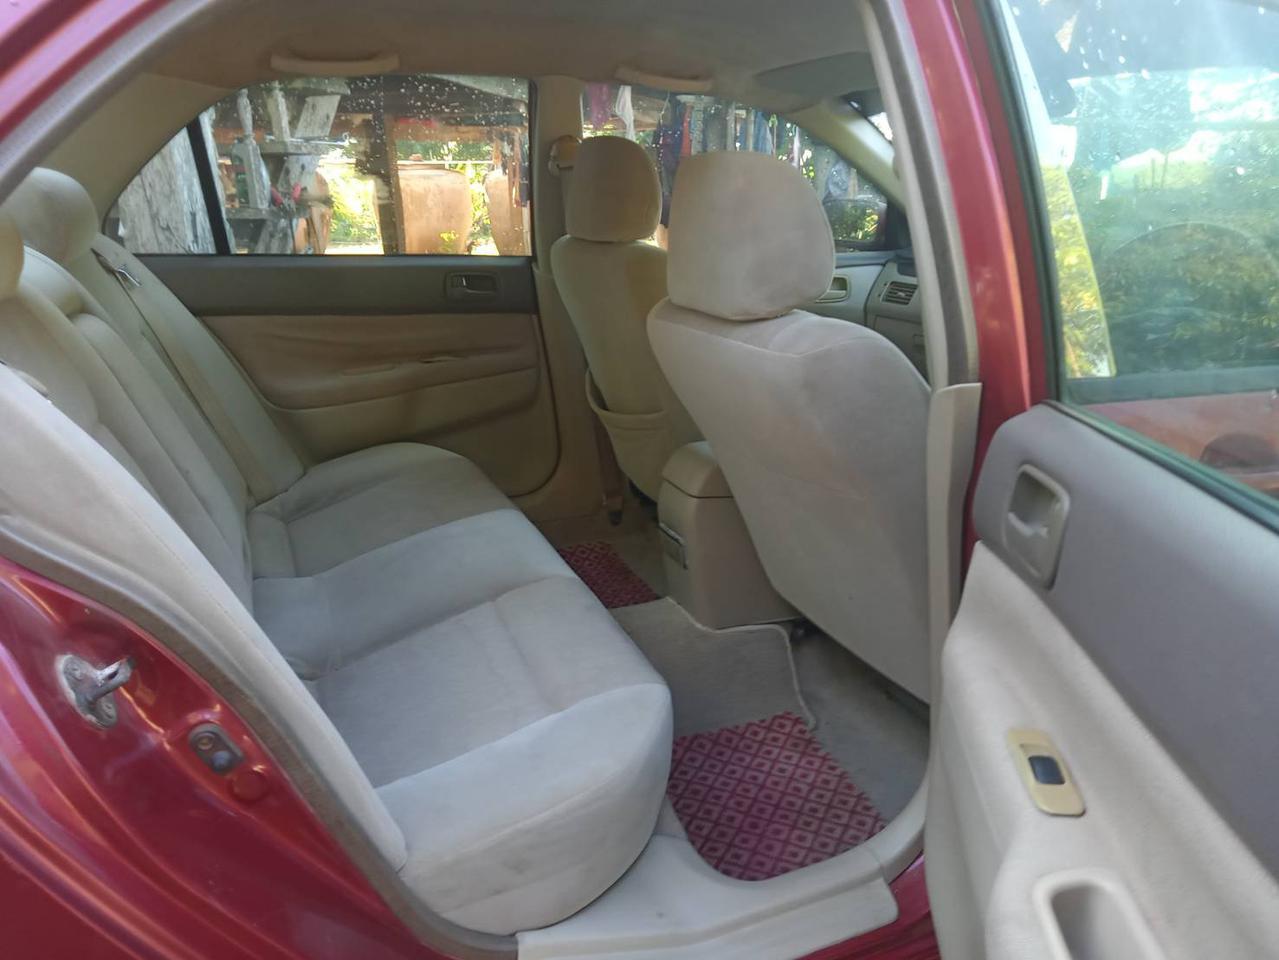 ขออนุญาต admin ขาย Mitsubishi cedia ปี 2003 1.6 auto พร้อมใช้ รถวิ่งดีมาก ระบบไฟฟ้าครบ รูปที่ 1